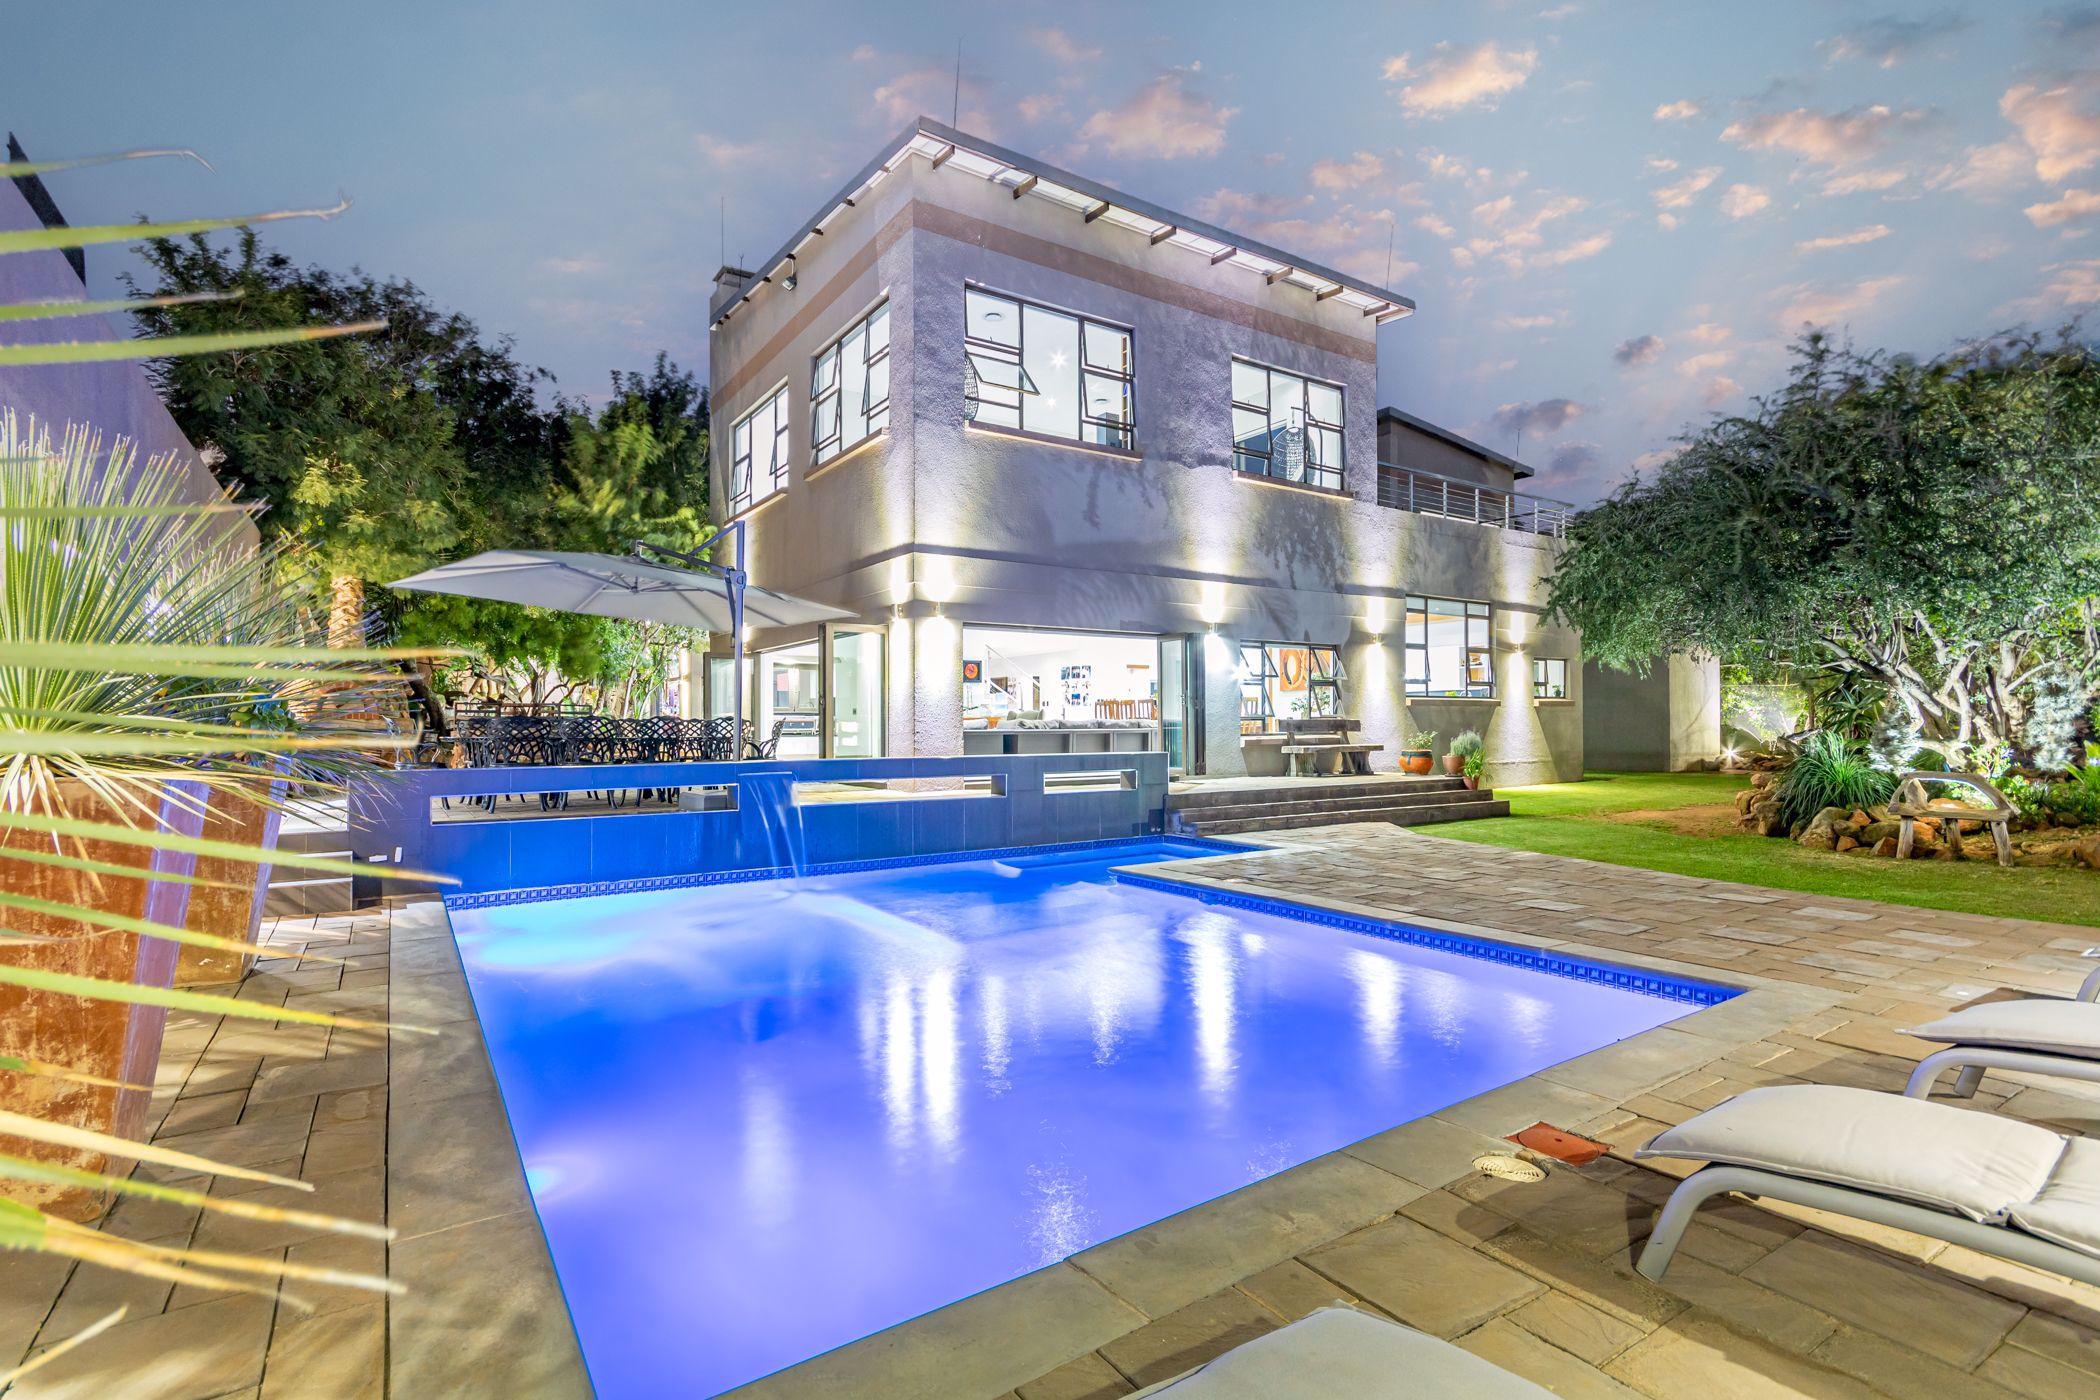 7 bedroom house for sale in Meyersdal Eco Estate